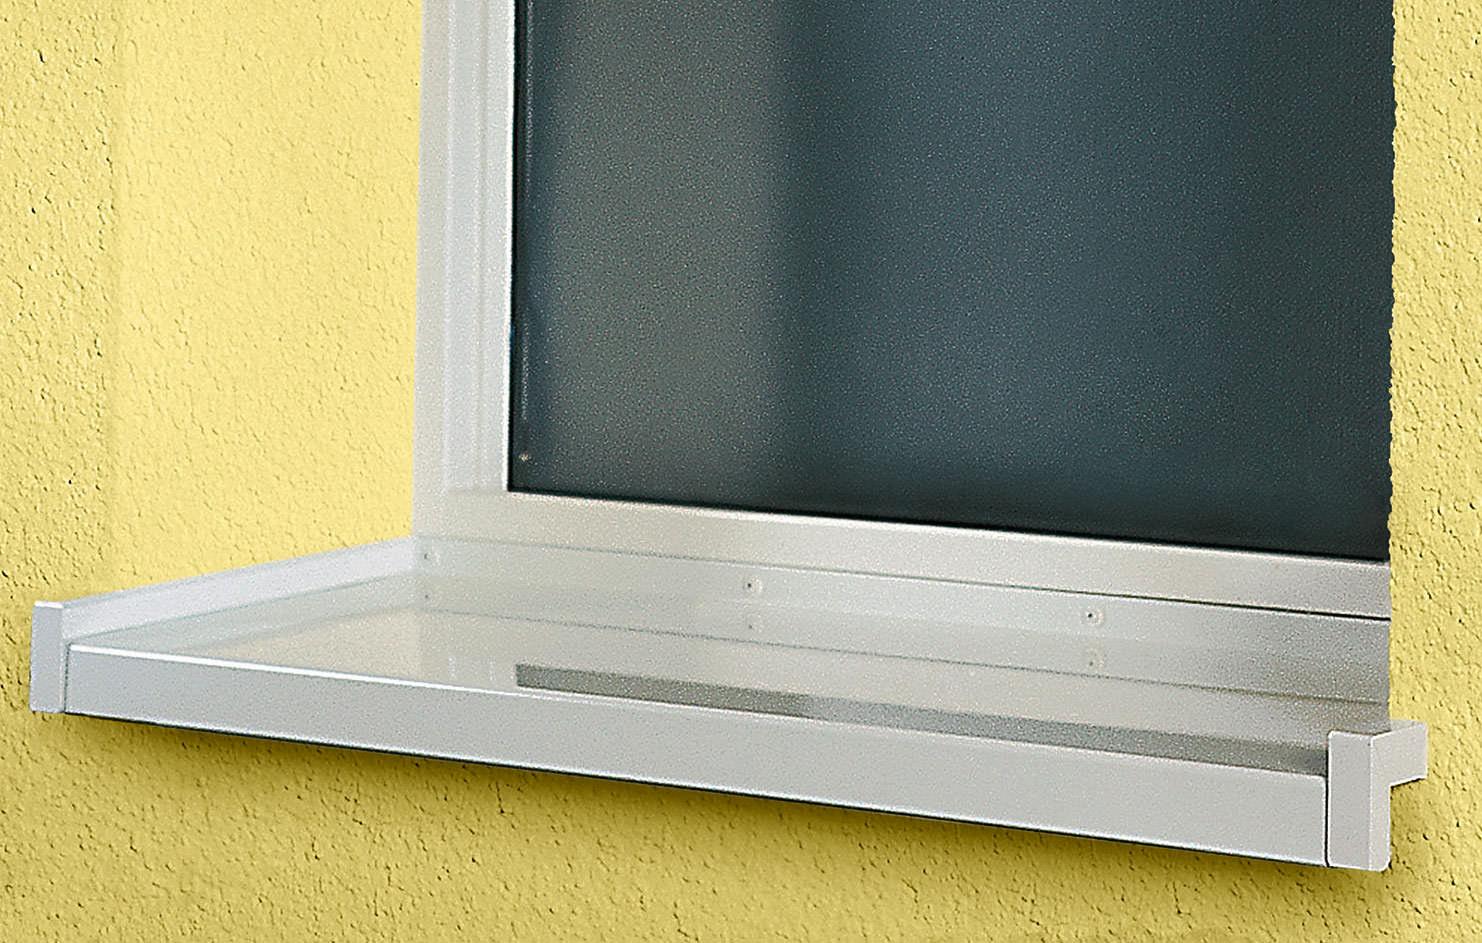 Getestet: Fensterbank StoFentra Uni schlagregendicht bis 1.200 Pascal